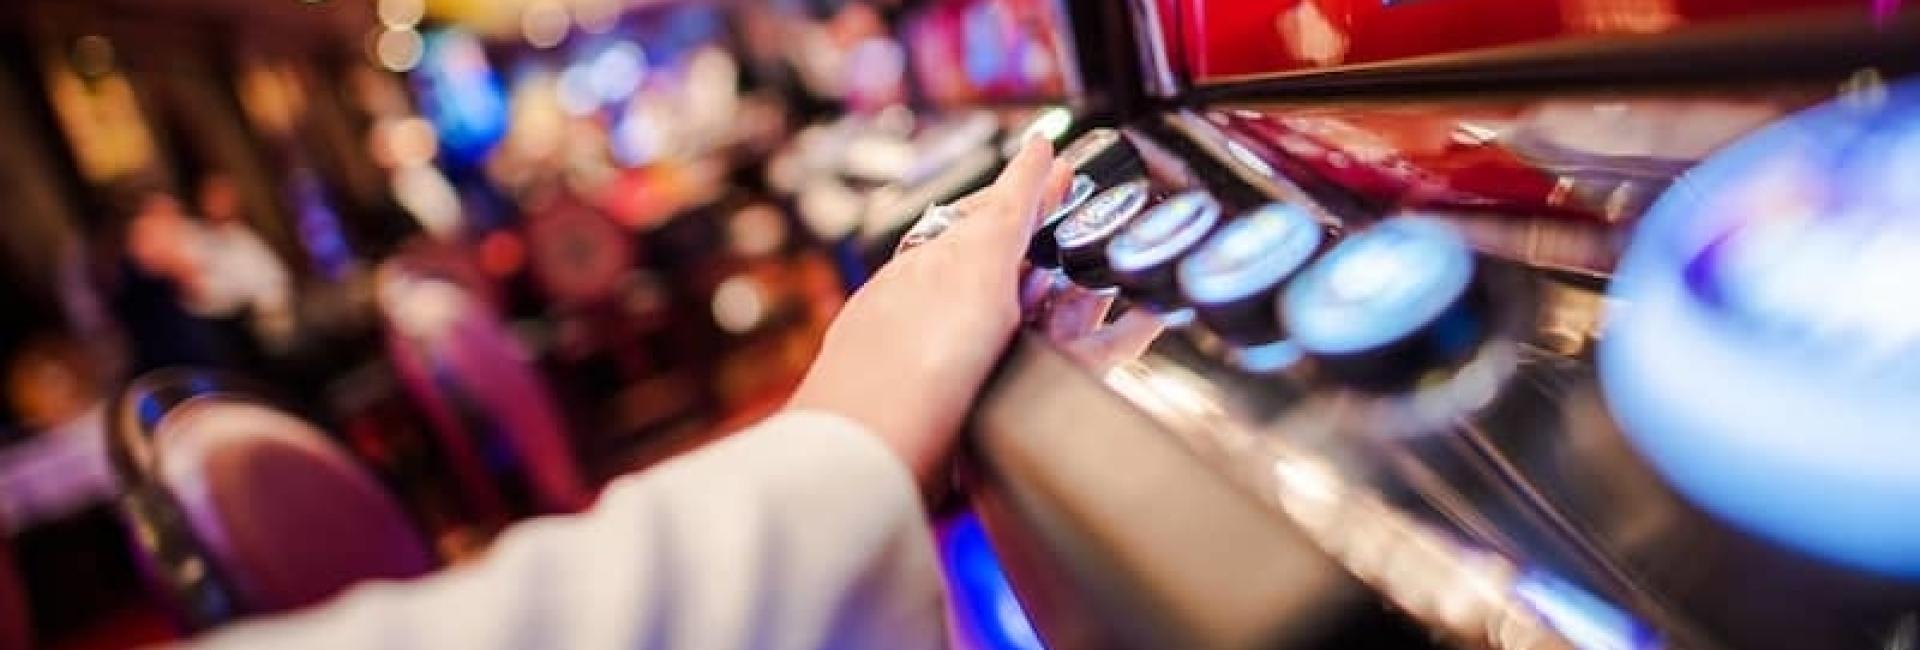 gokken verslaving